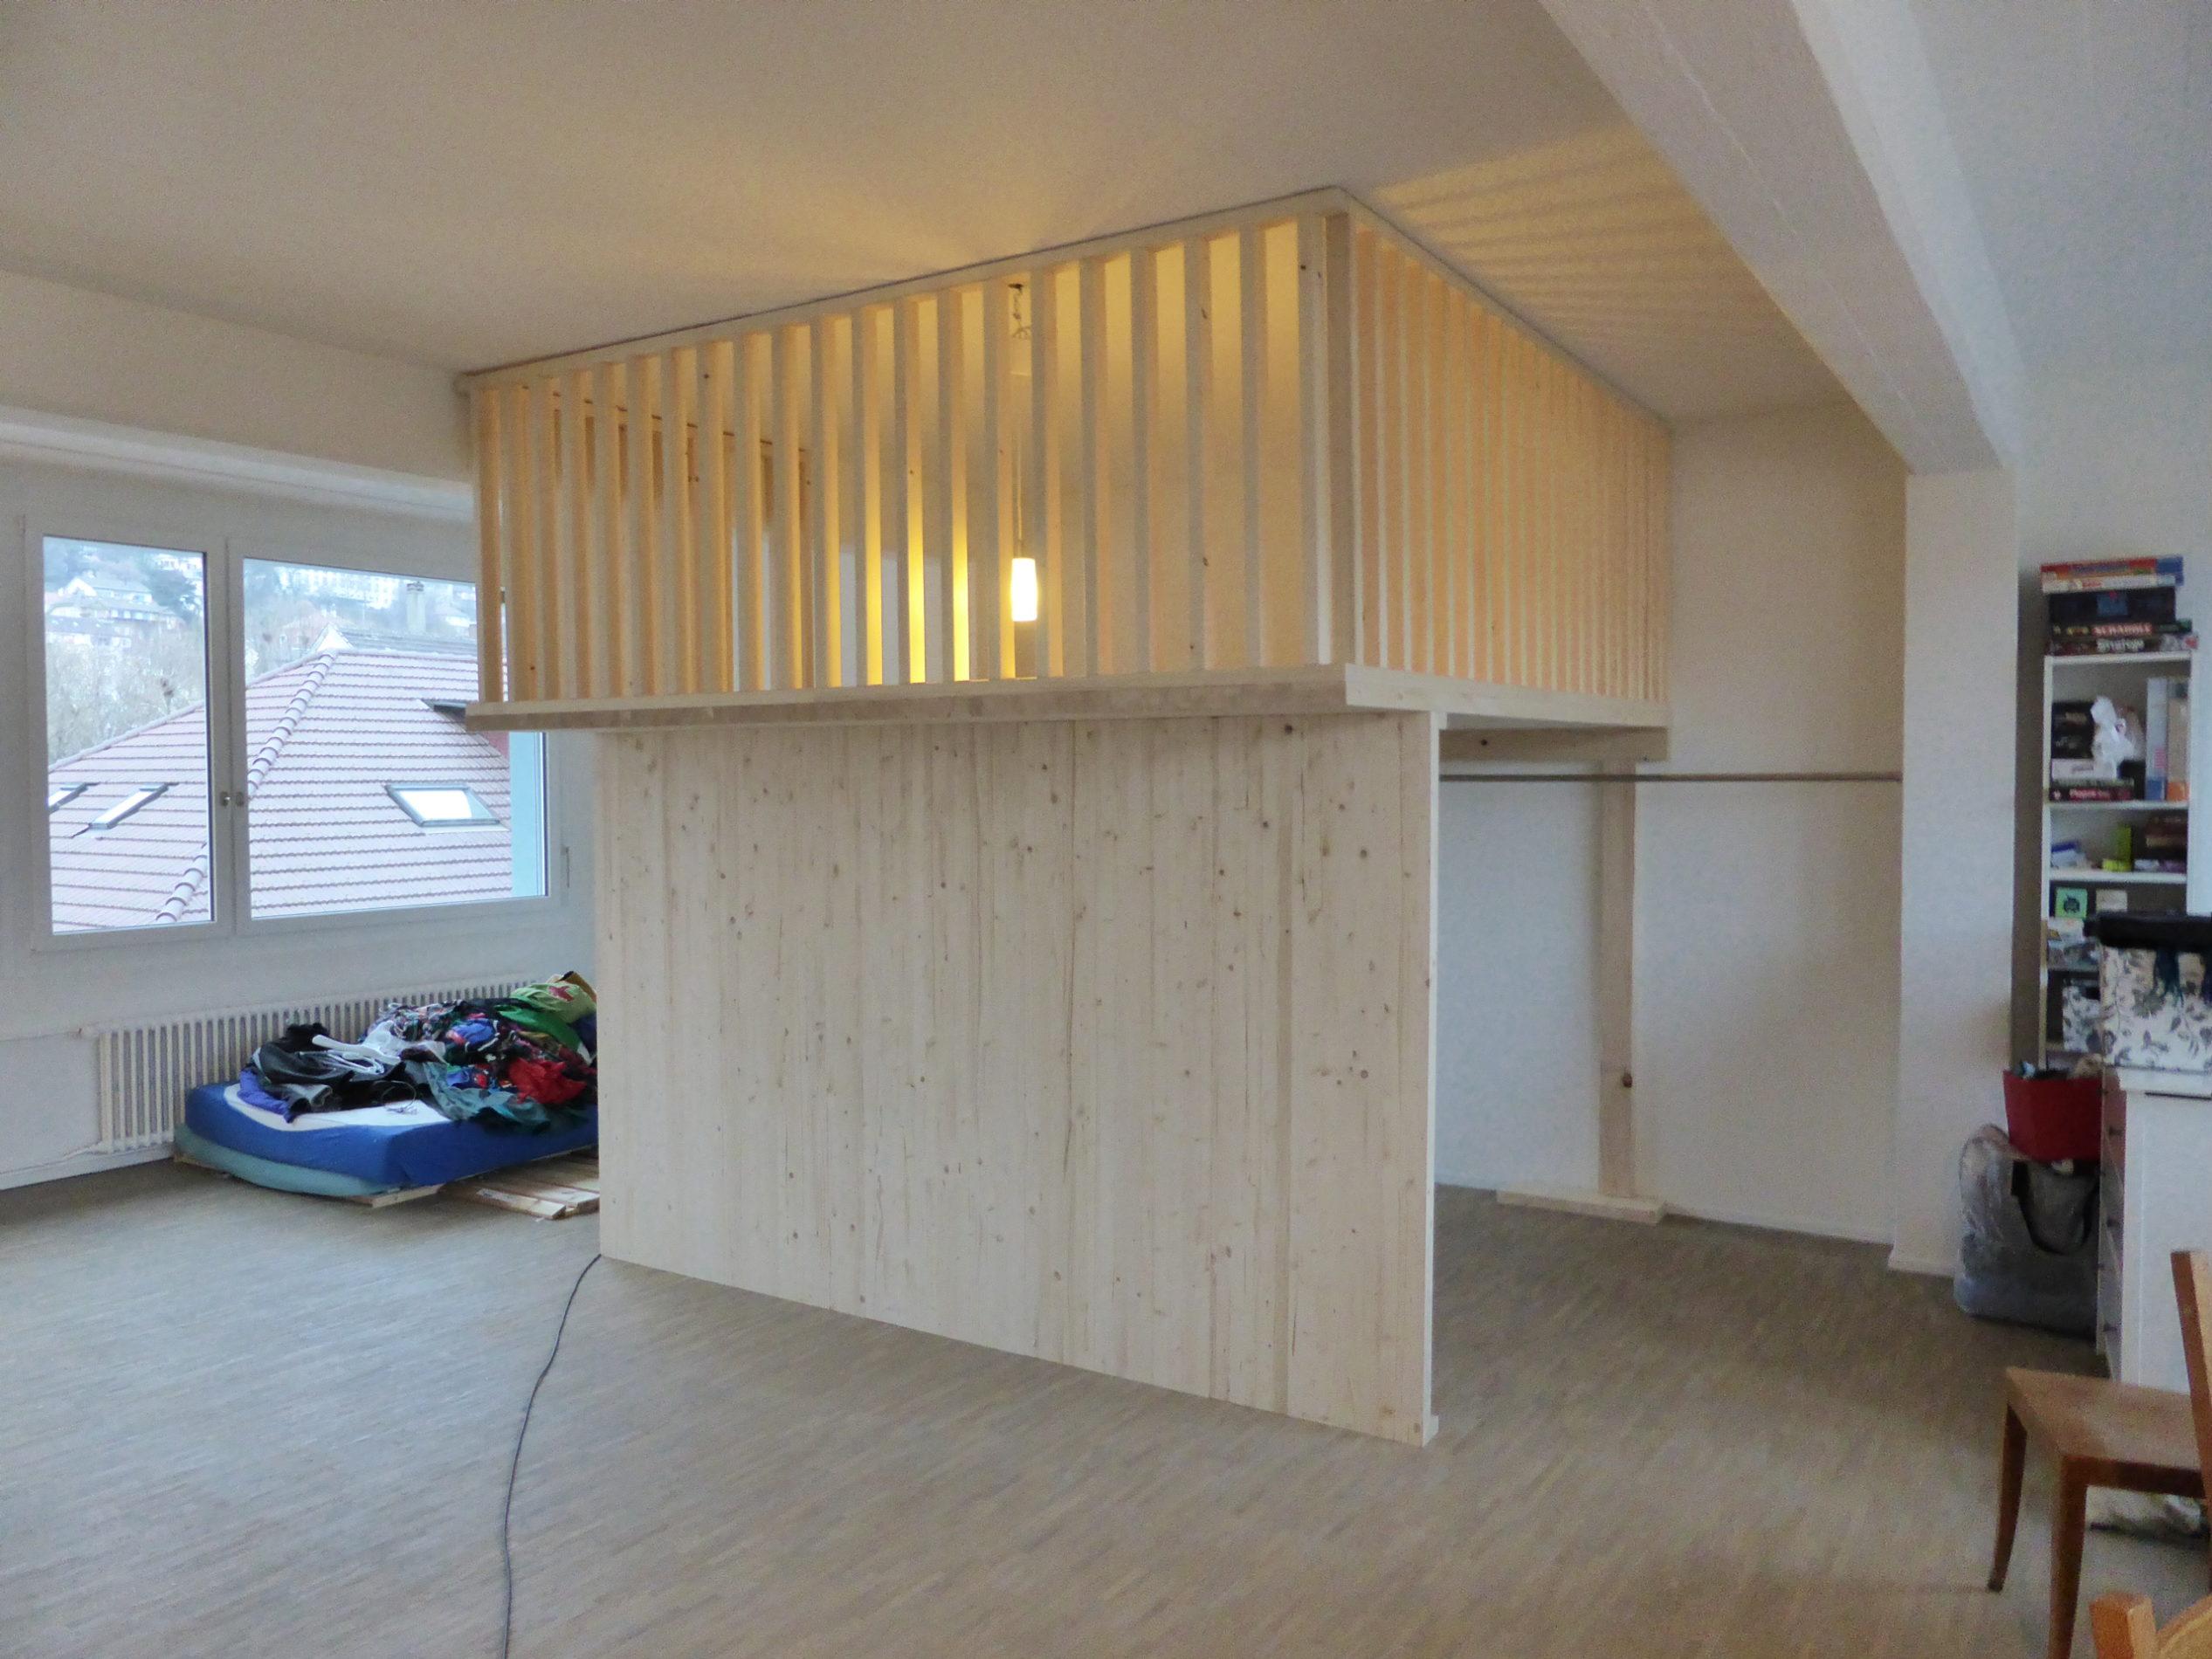 Chambre mezzanine dans un loft – Des idées plein la tête ...